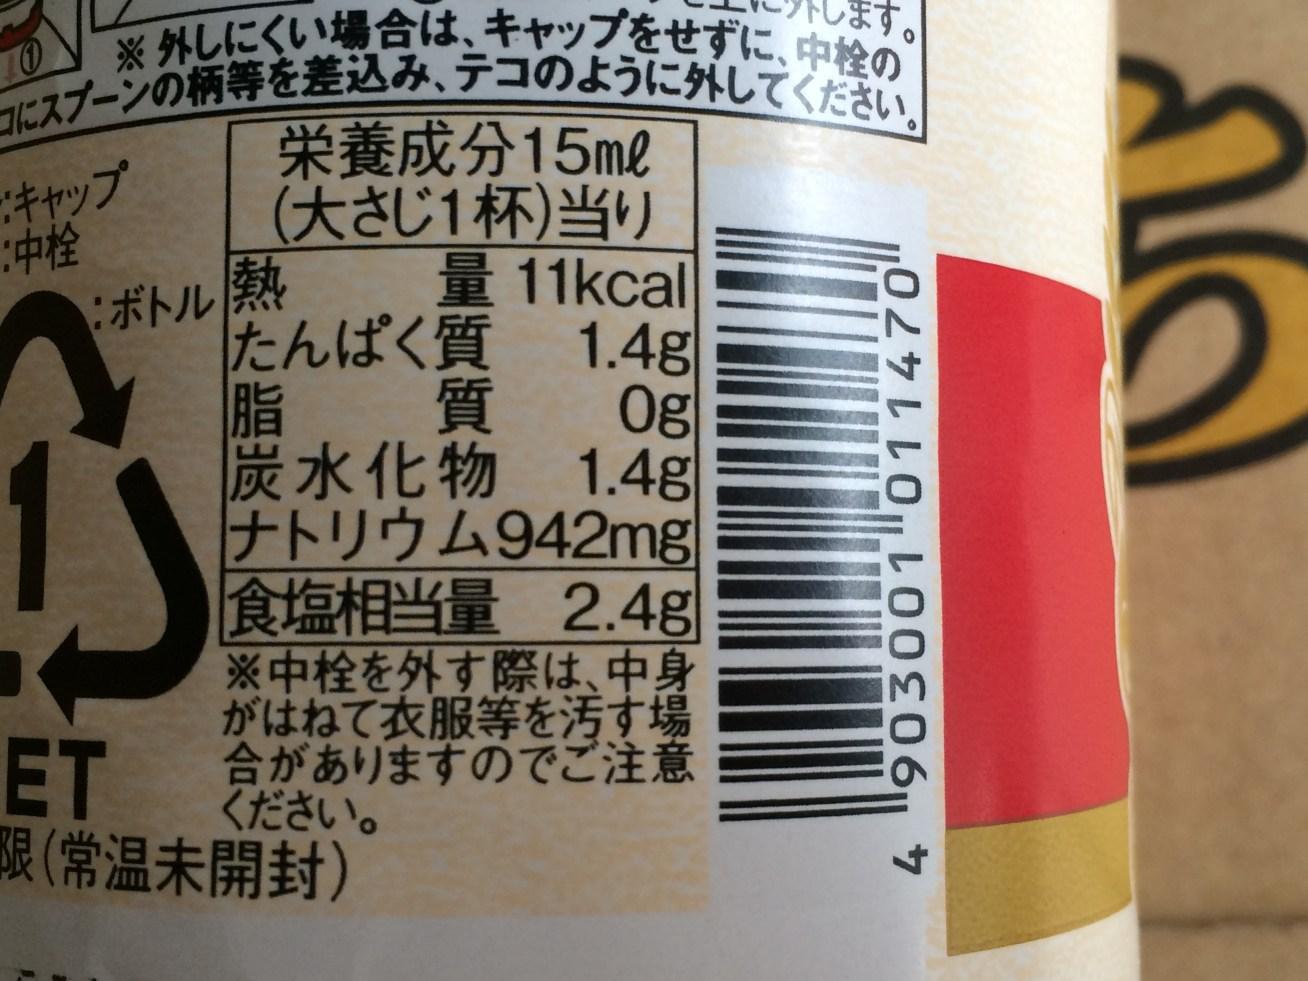 Image result for 醤油 塩分濃度